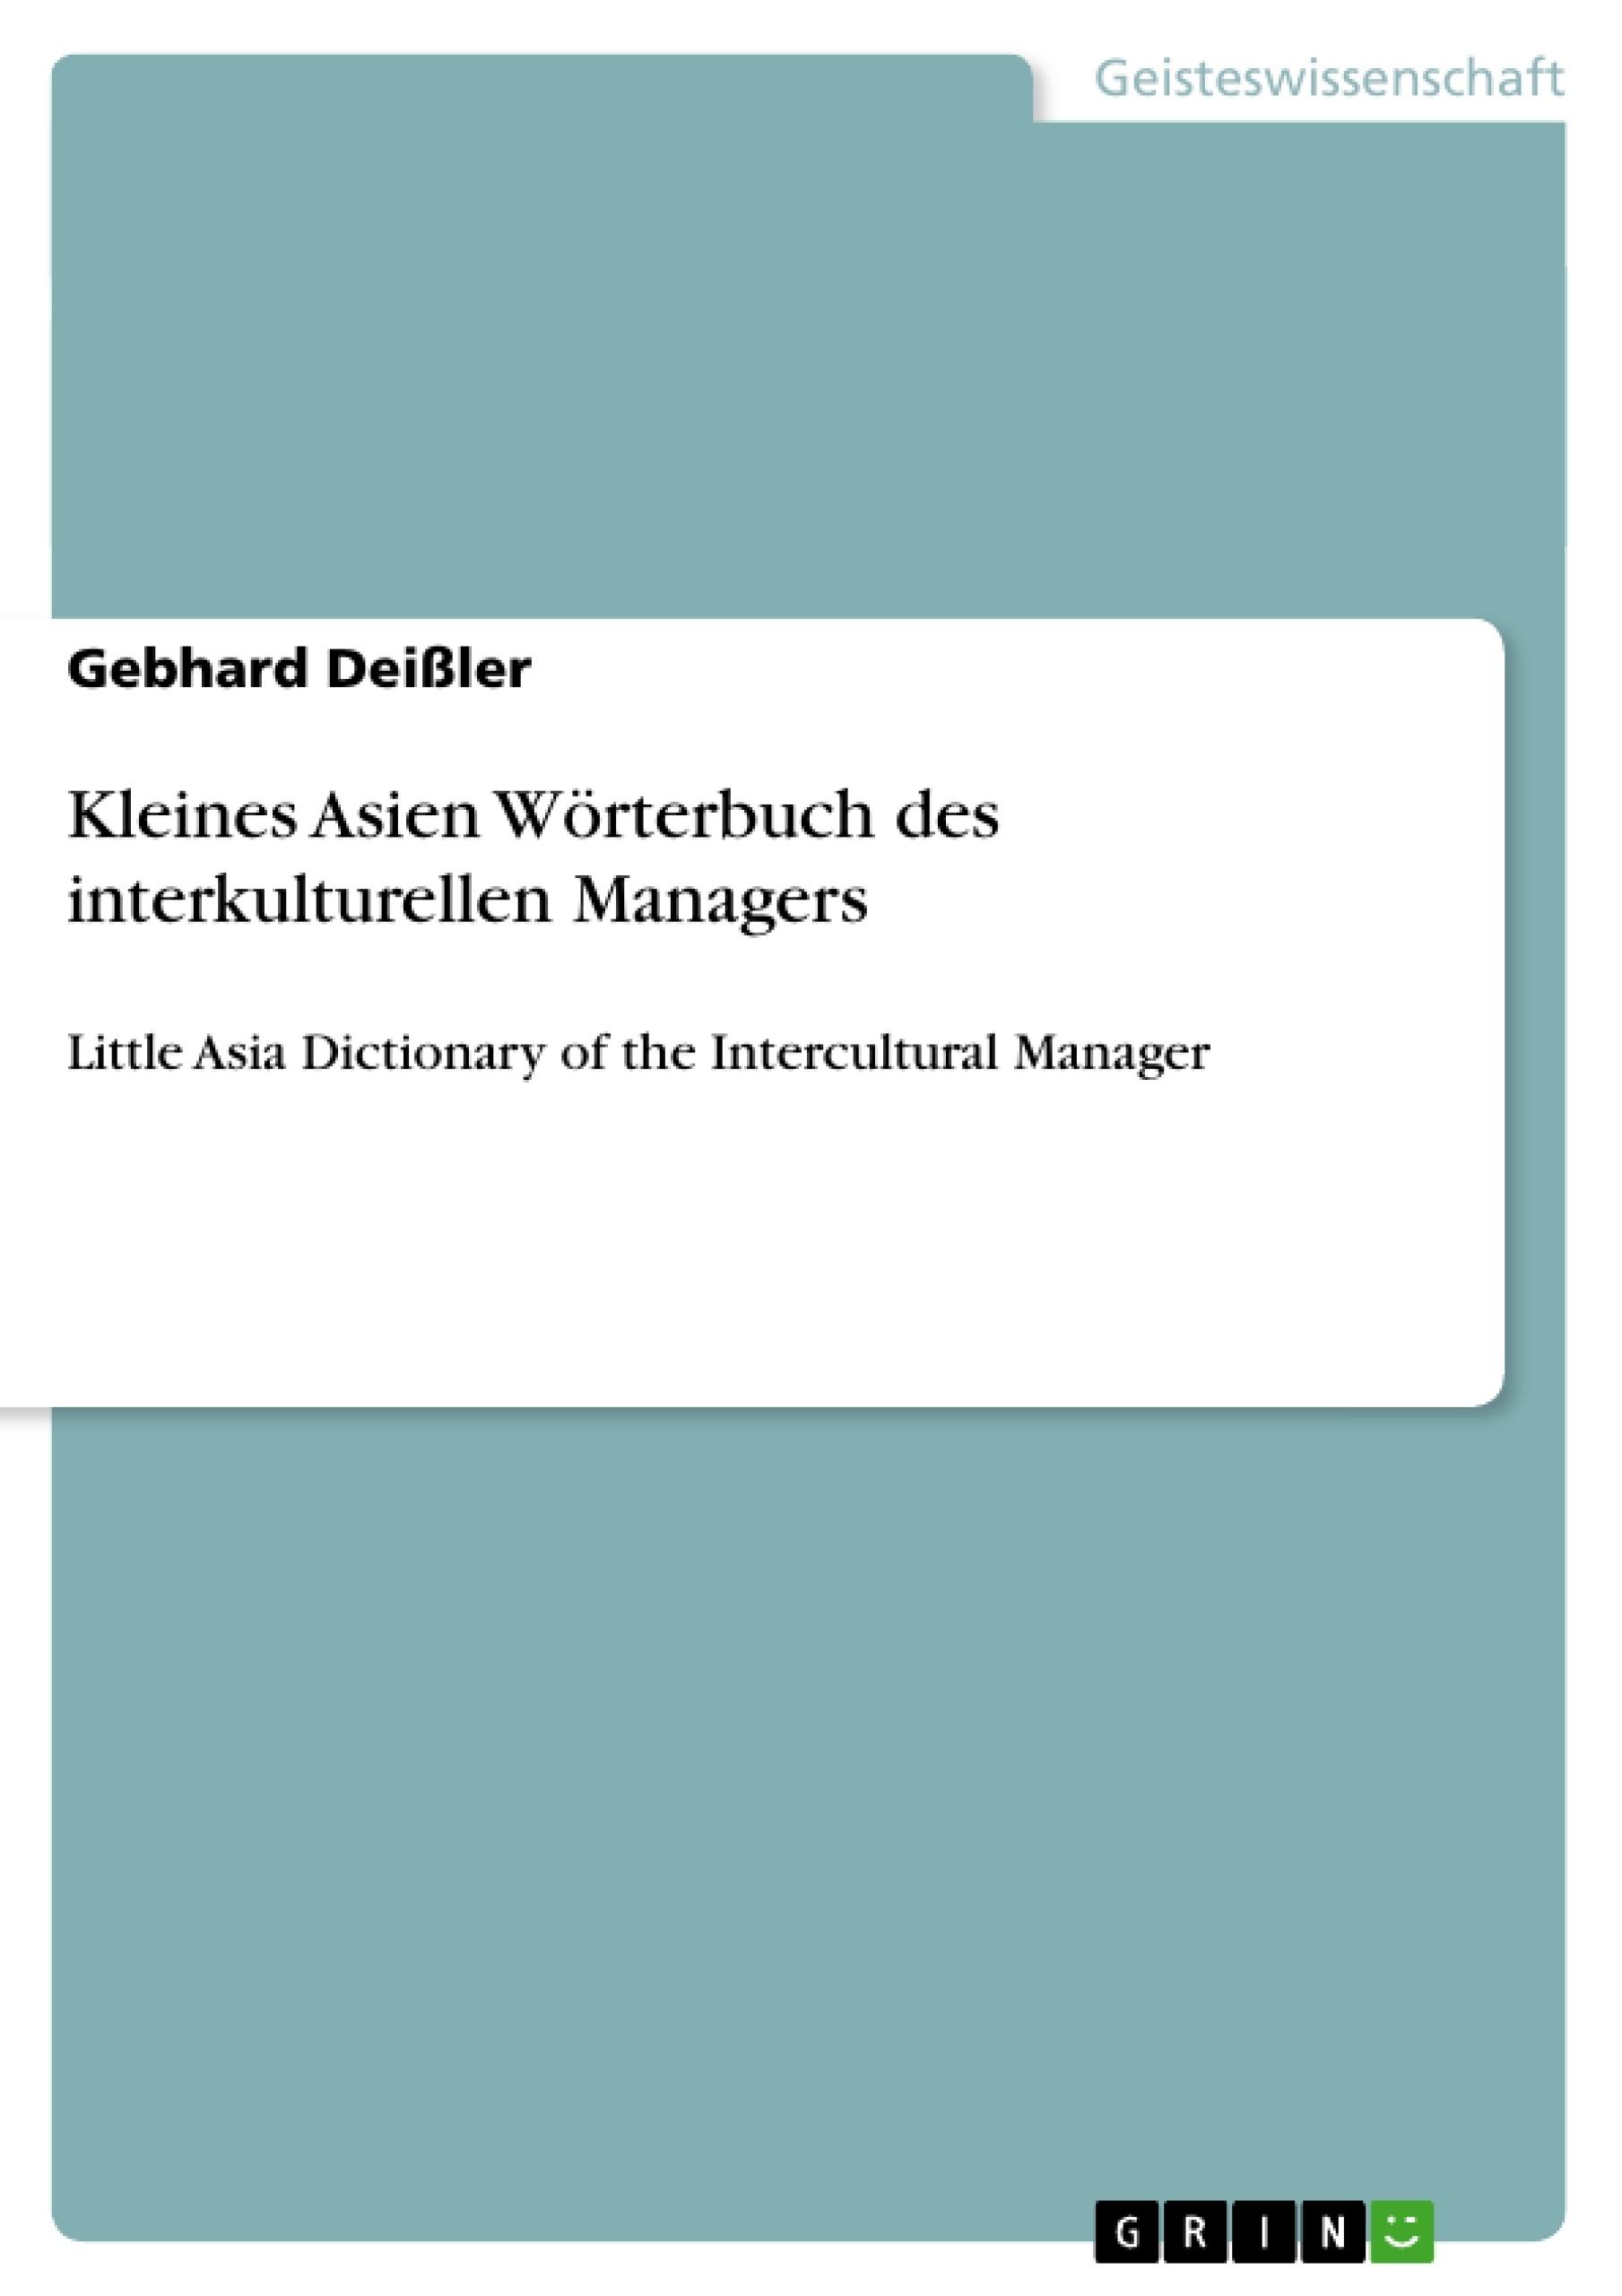 Titel: Kleines Asien Wörterbuch des interkulturellen Managers